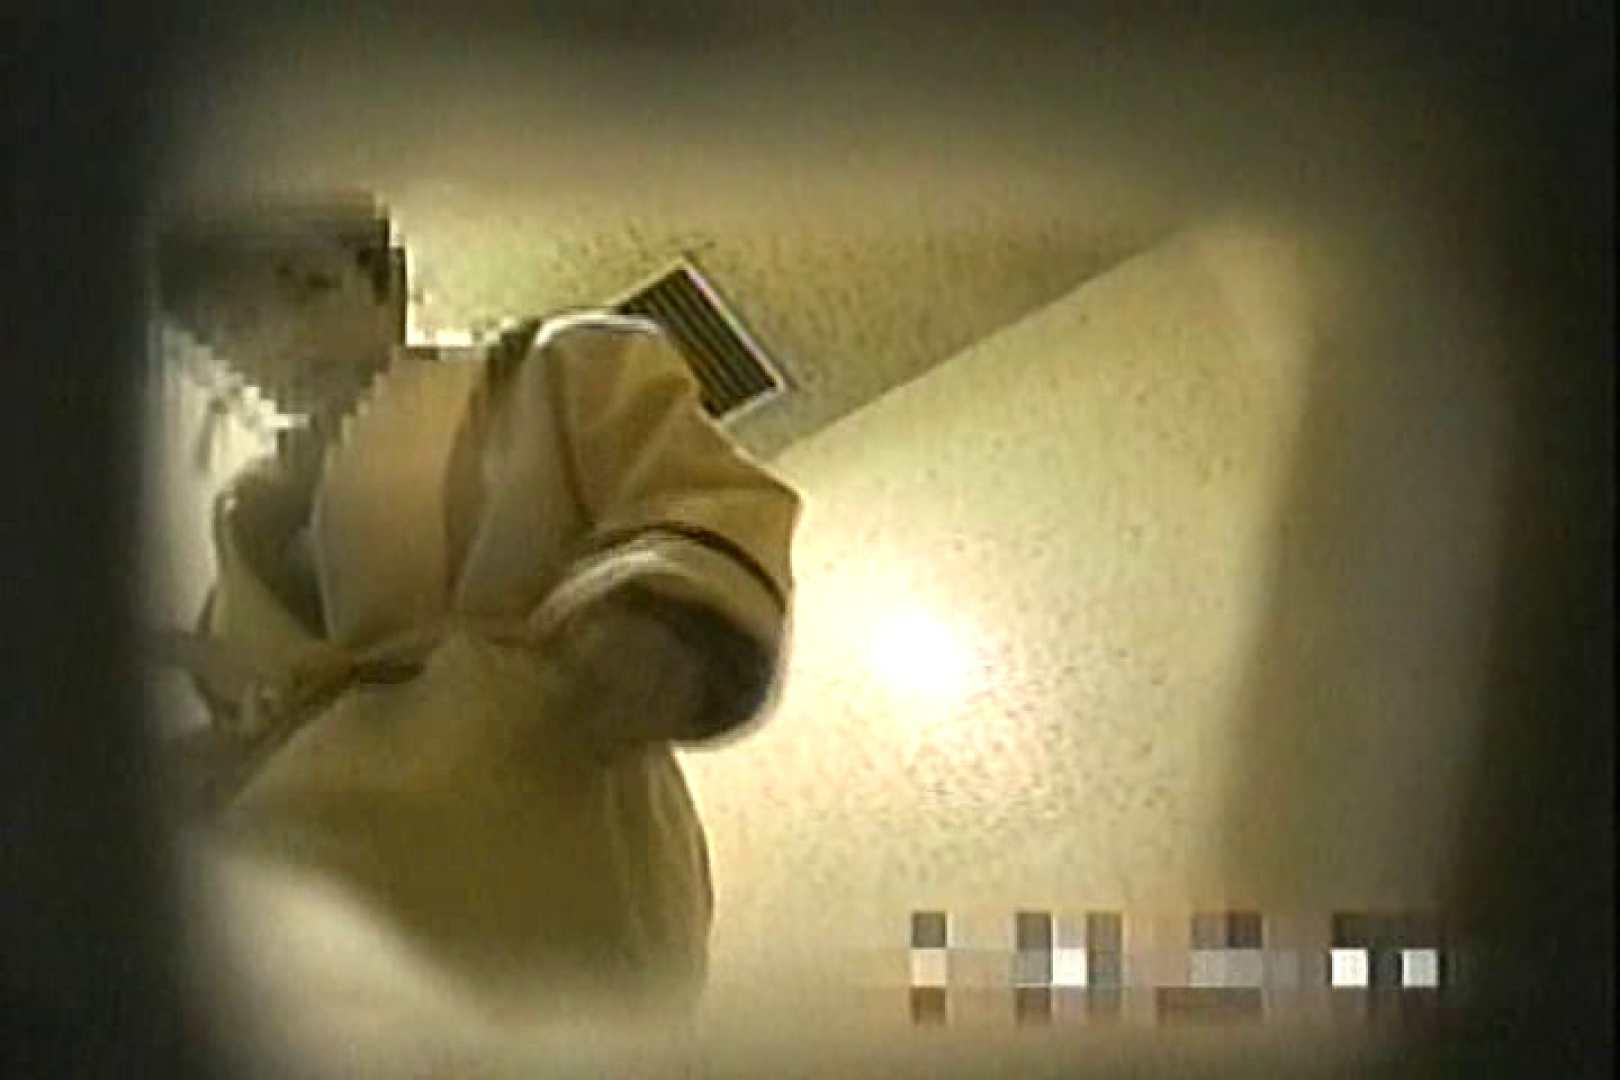 女子洗面所盗撮 今度の2カメは若い子だらけ  TK-127 洗面所  62pic 5